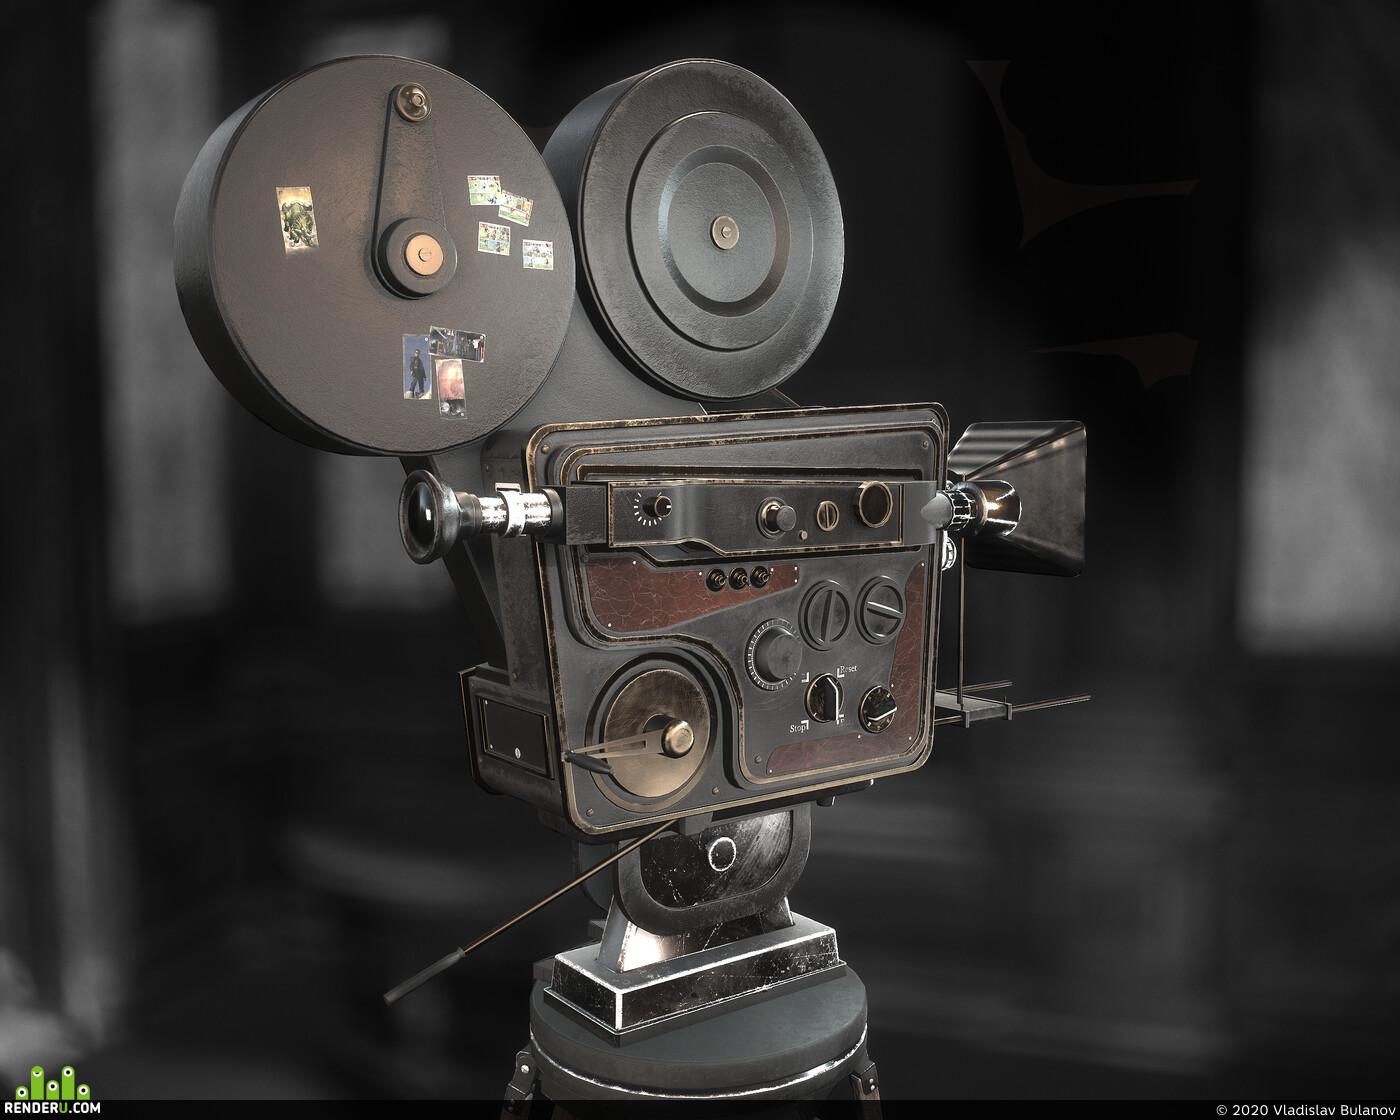 blender, Props, asset, substance, Blender substance painter lowpoly, cinema camera